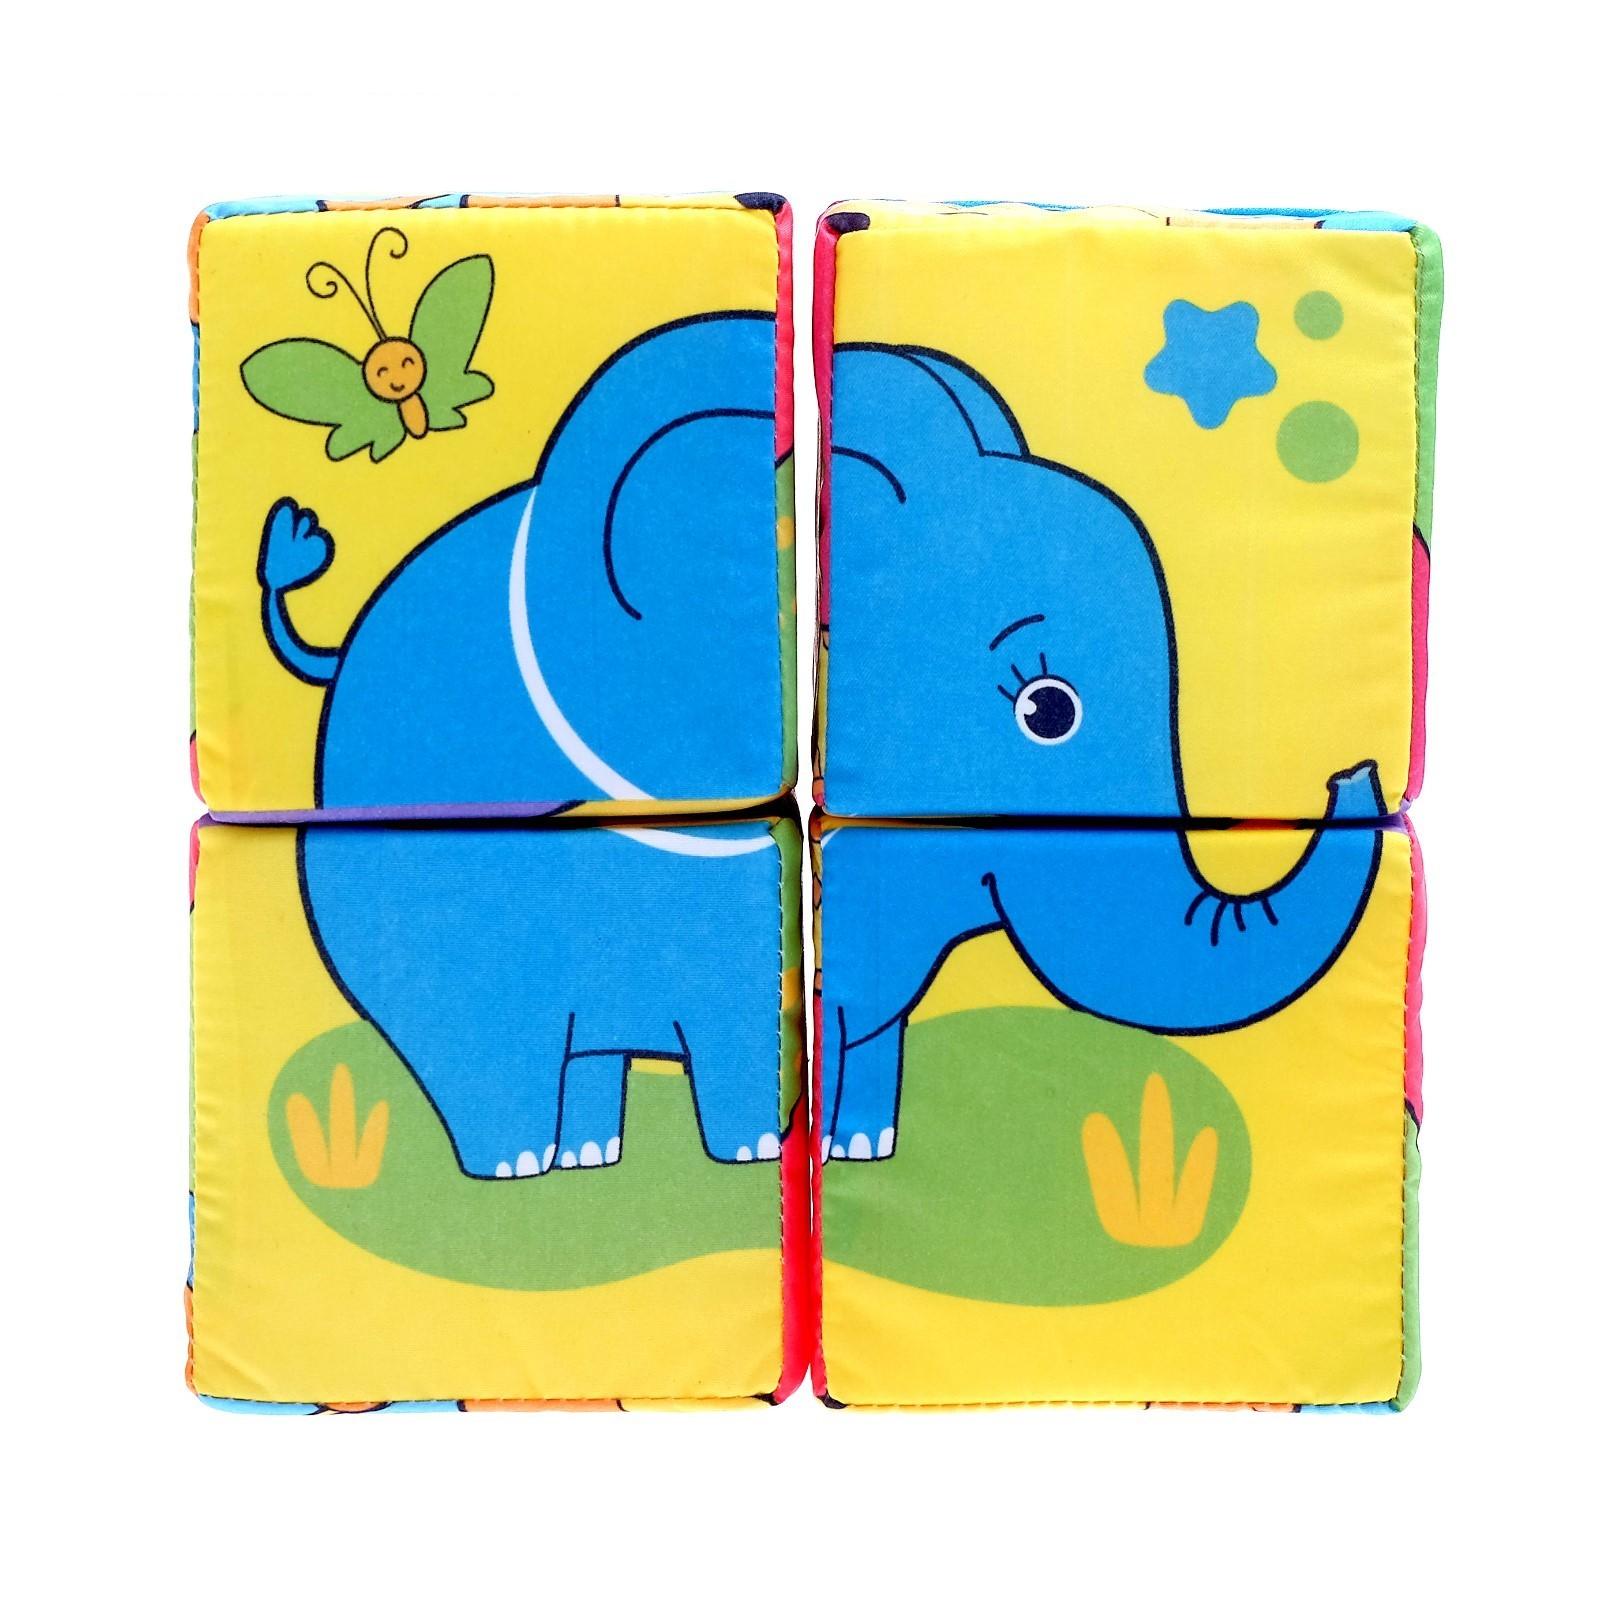 Купить Мягкие кубики Забияка Собери картинку 8 х 8 см, 4 шт., Развивающие кубики